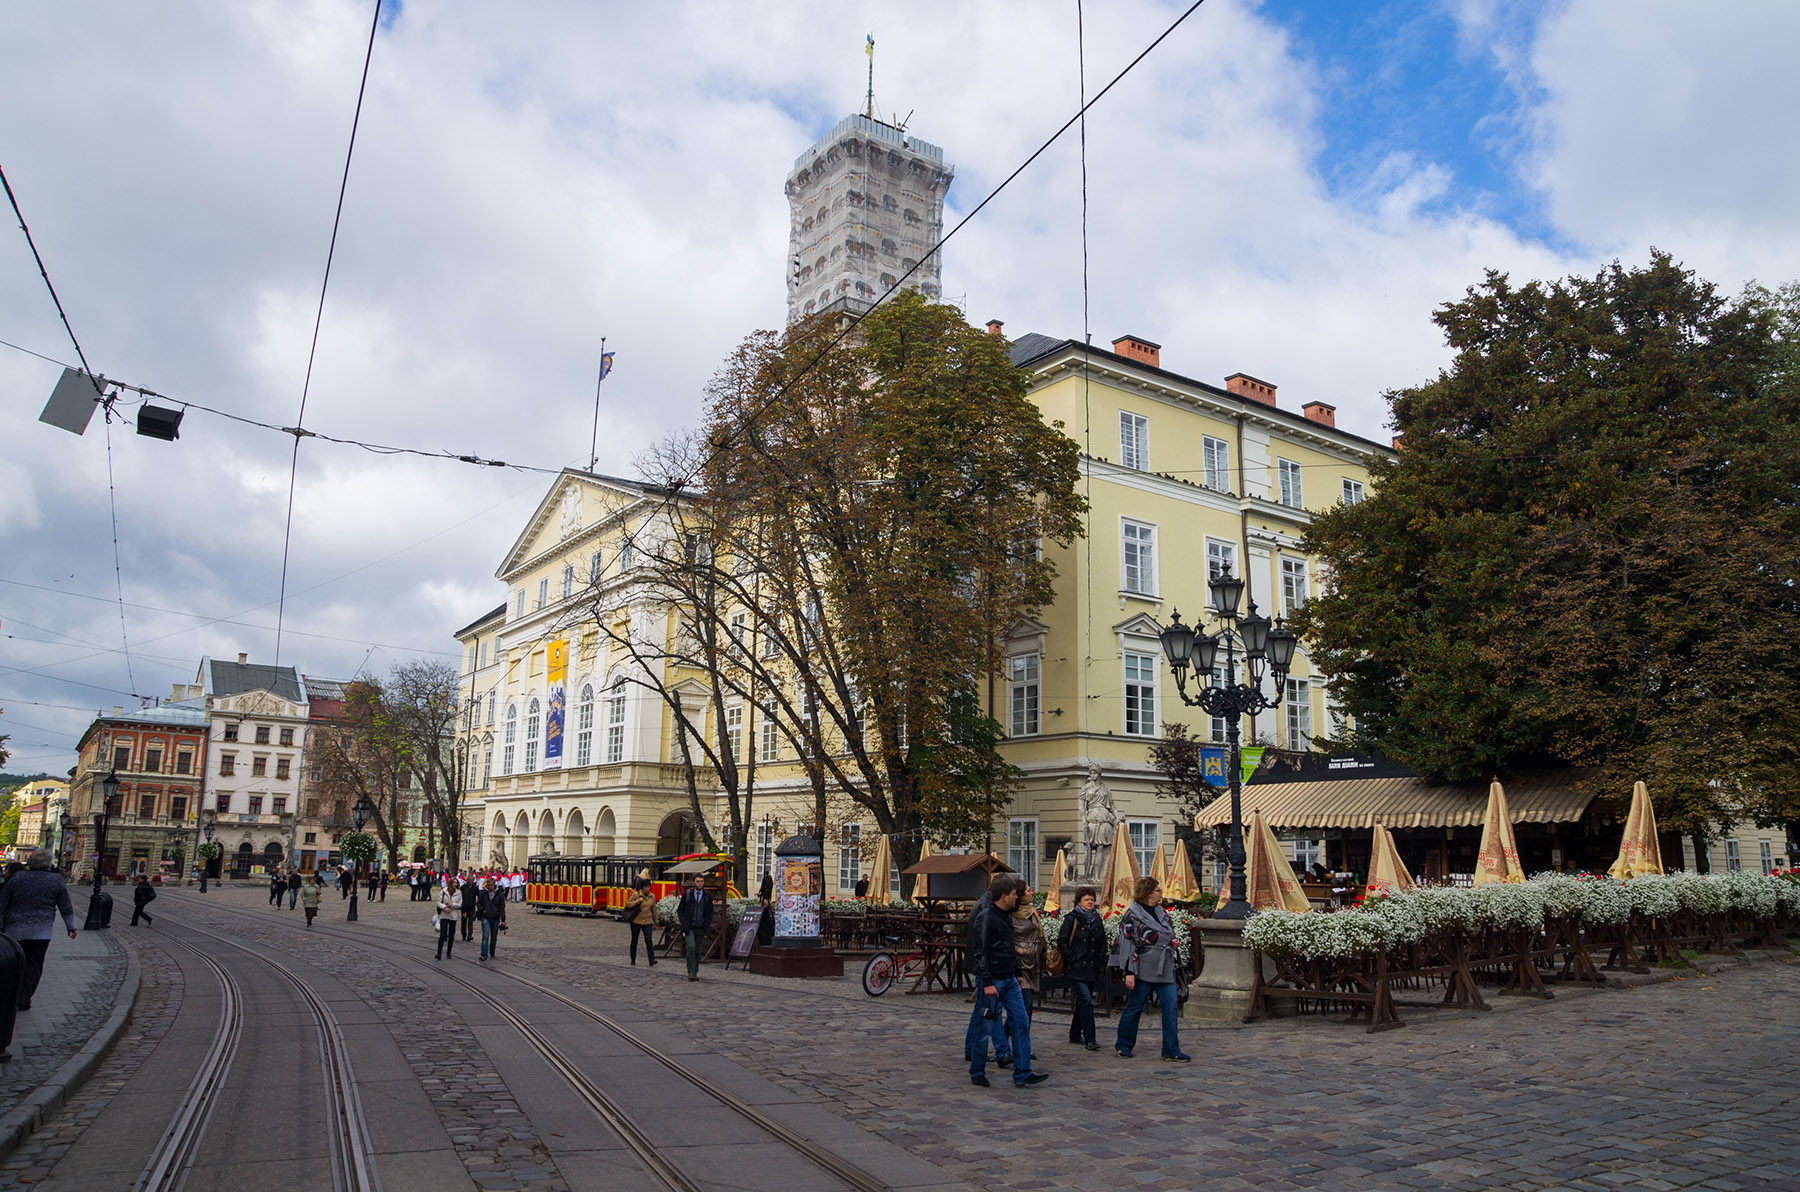 Площад Ринок в Лвов Украйна - една от най-големите забележителности в Лвов